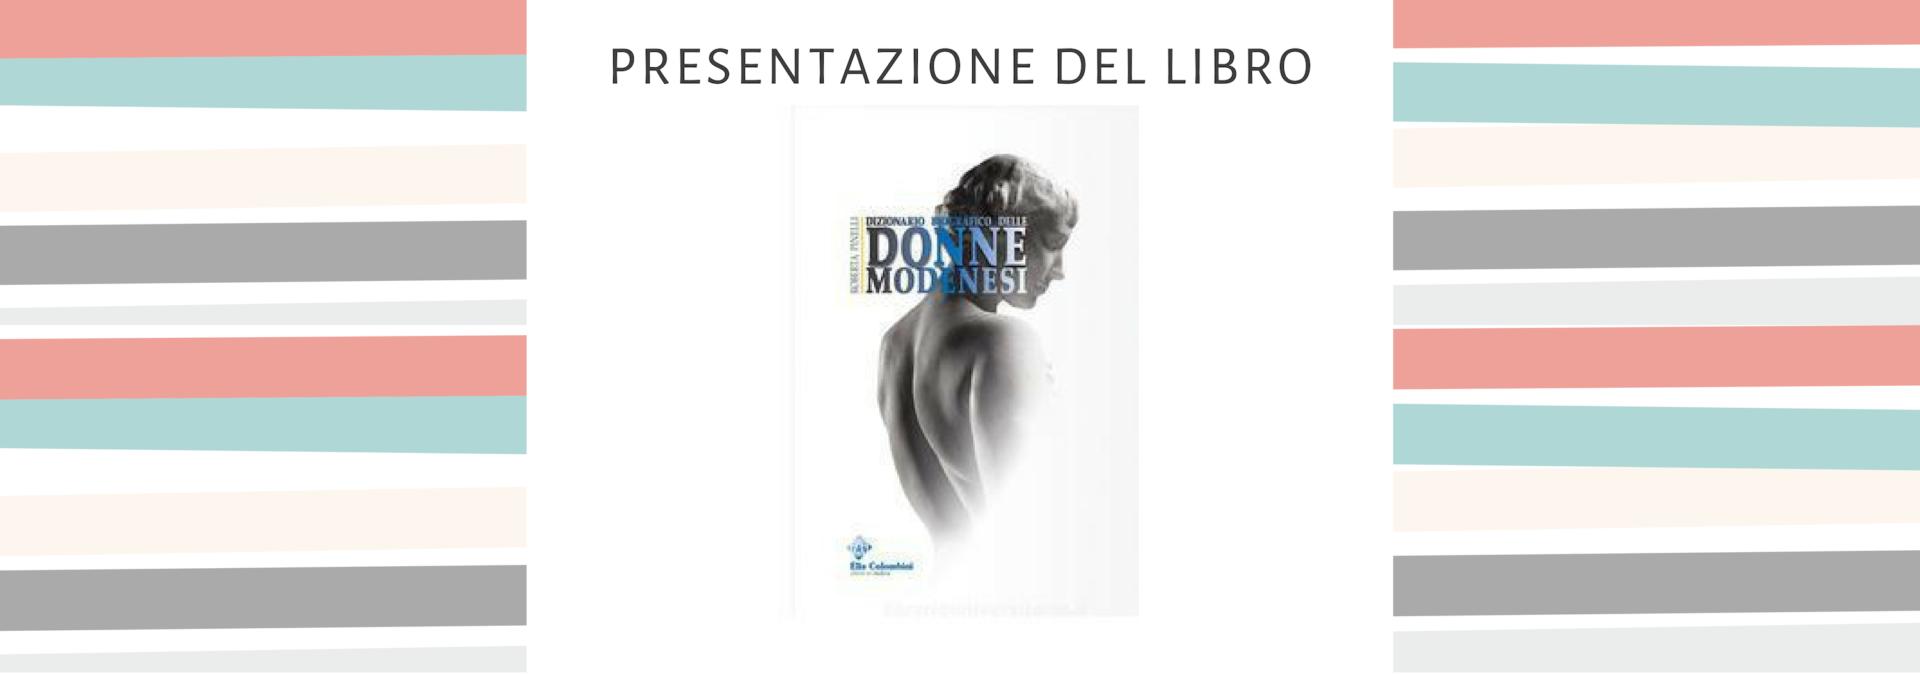 """Presentazione del libro """"Dizionario biografico delle donne modenesi"""""""